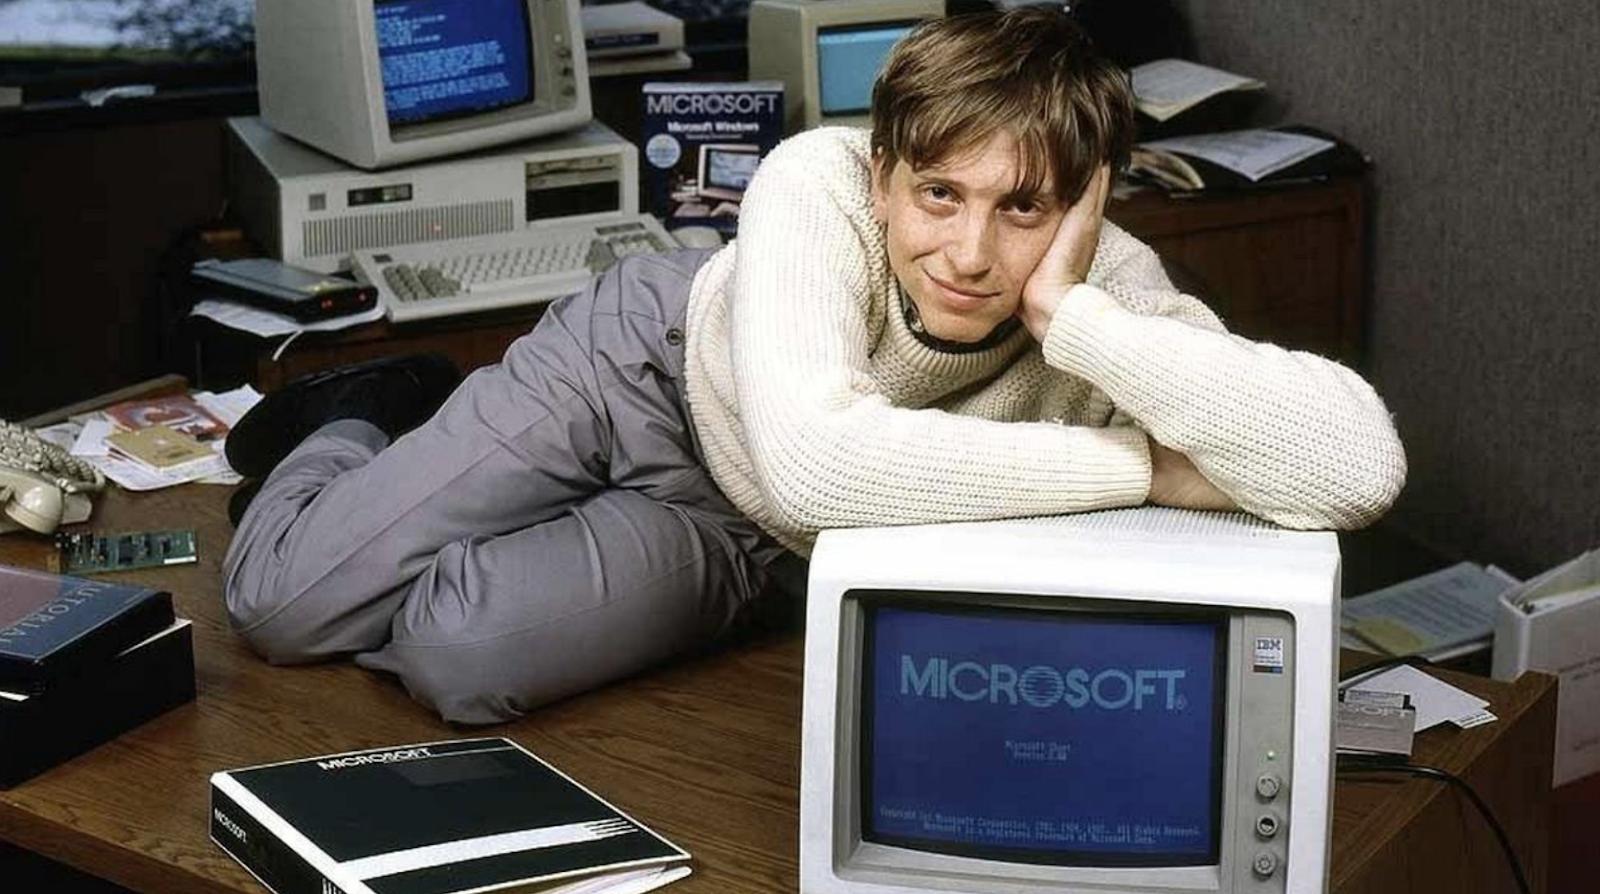 НЕТРИВИАЛЬНОЕ РЕШЕНИЕ: как Билл Гейтс оказался самым симпатичным мальчиком в классе